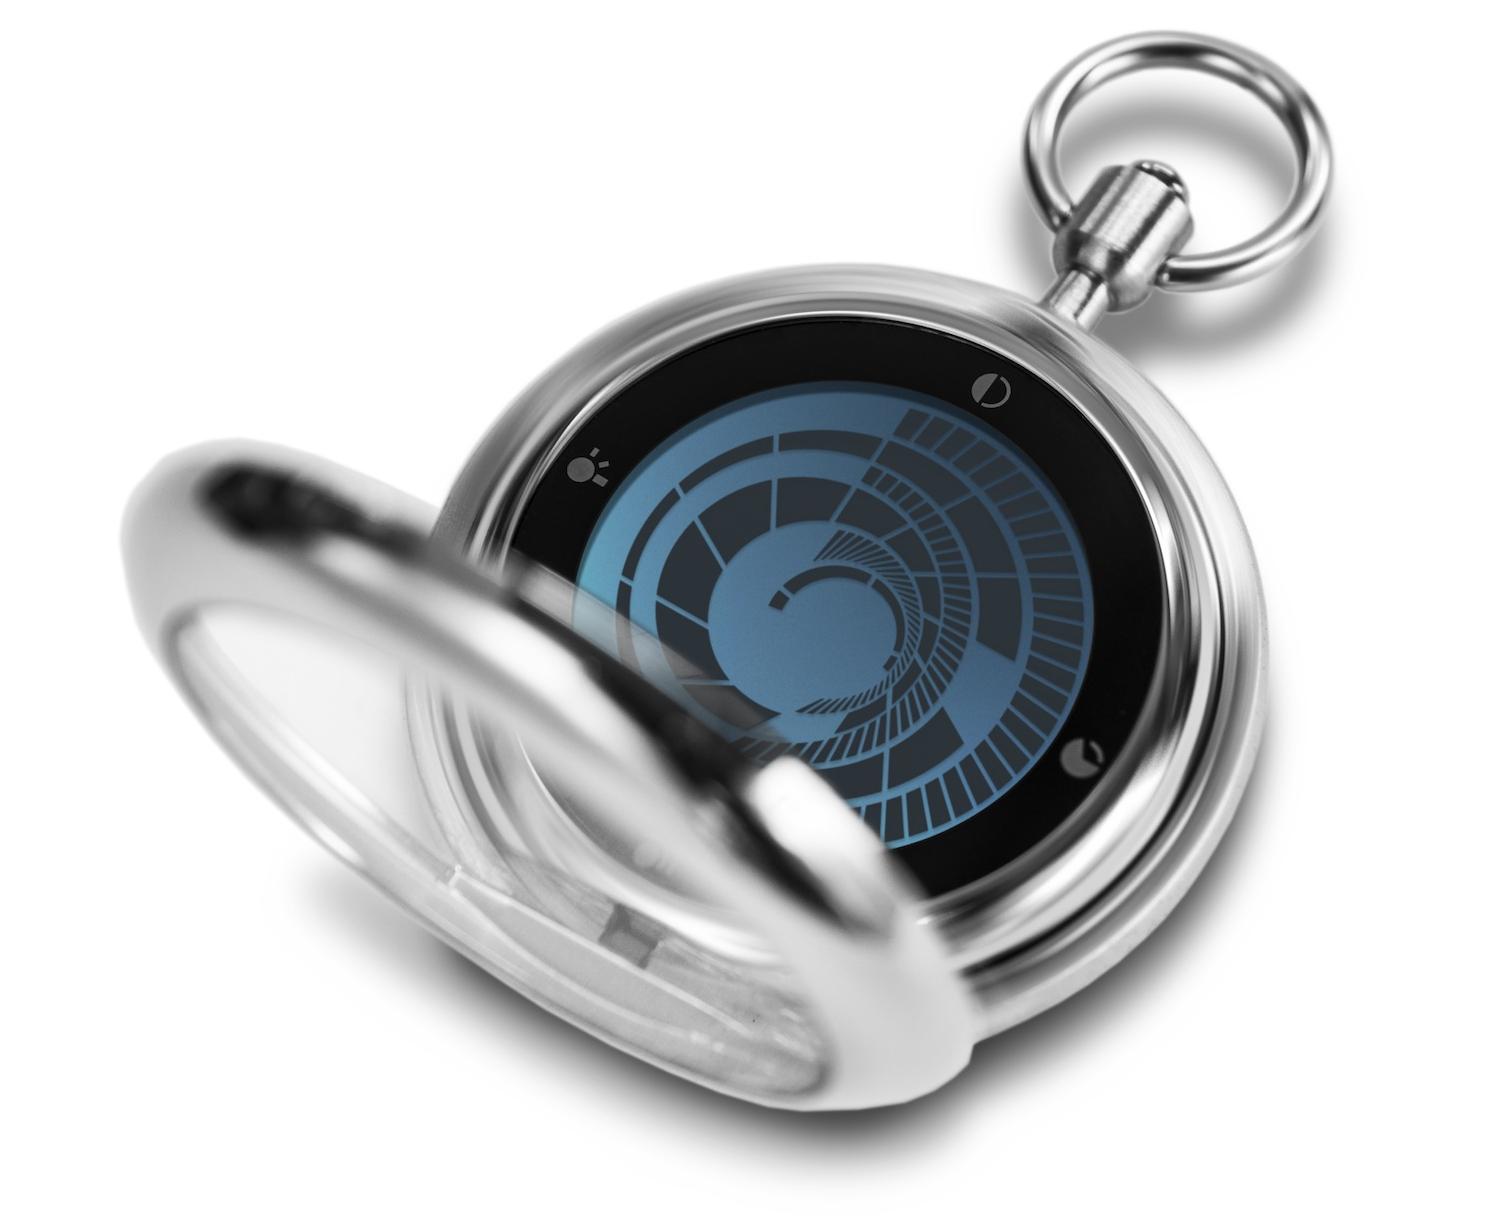 Tokyoflash Kisai Vortex Pocket Watch